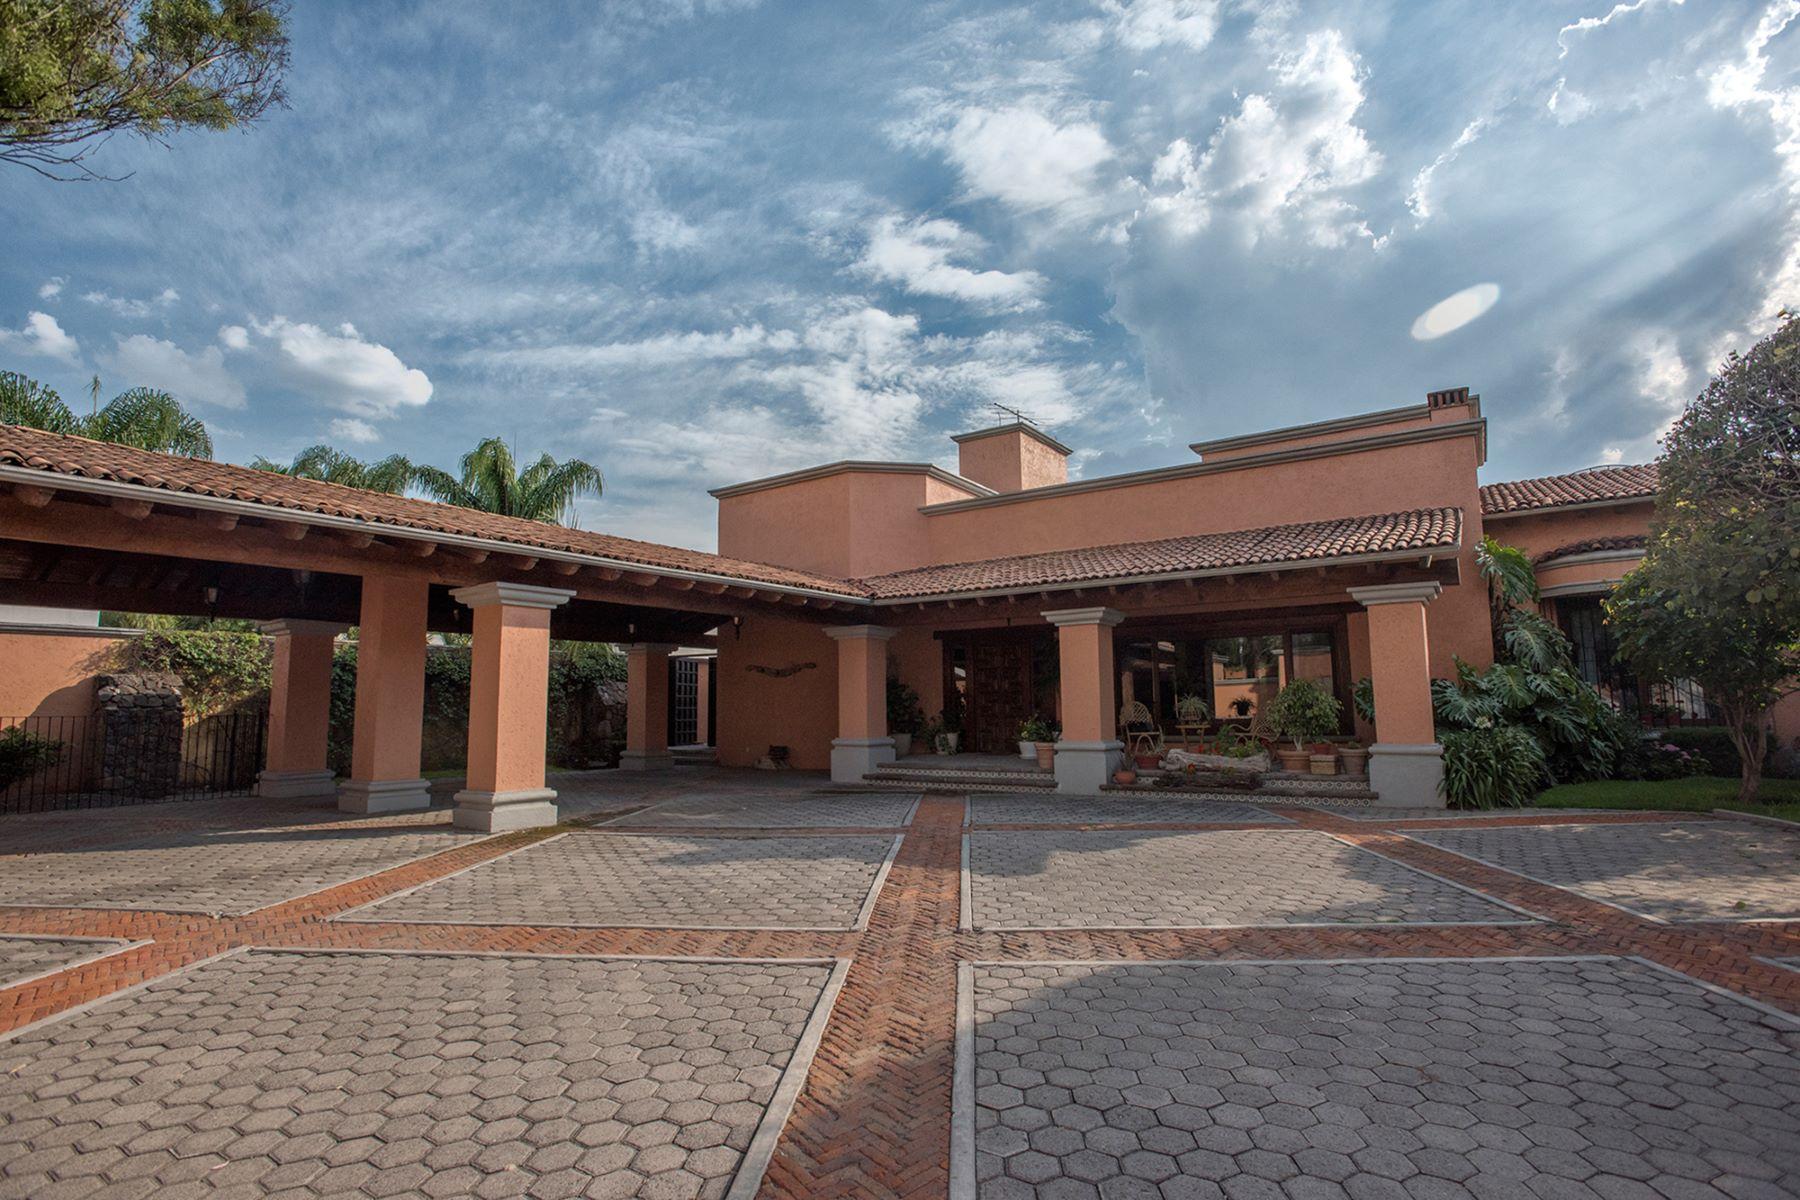 Частный односемейный дом для того Продажа на Casa la Traviesa Queretaro, Queretaro, 76100 Мексика